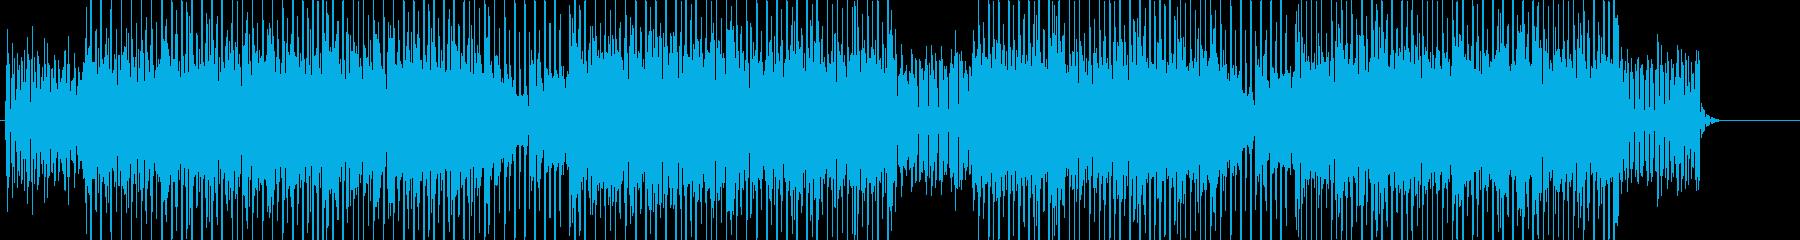 80sシンセウェーブ洋楽♫の再生済みの波形